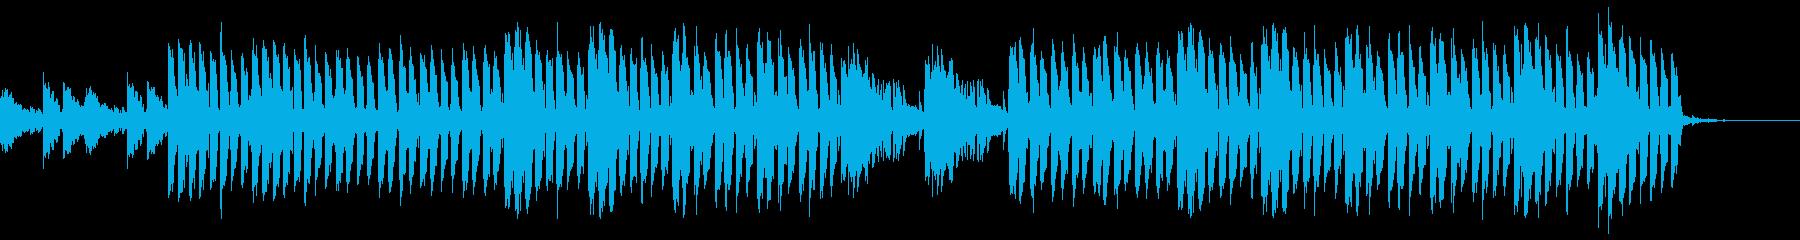 おしゃれ・キャッチー・EDM6の再生済みの波形